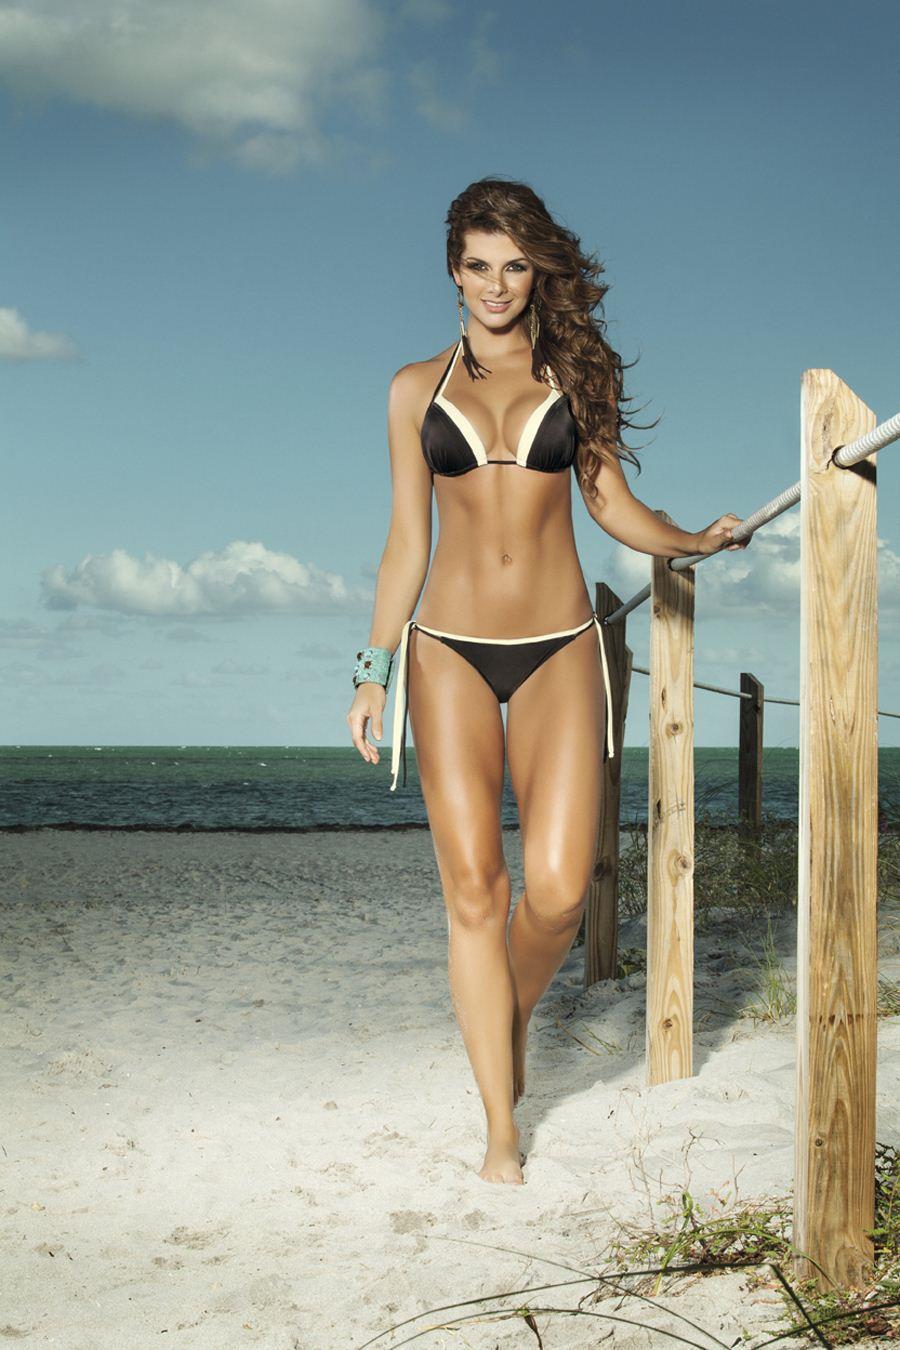 Carolina Cruz in a bikini